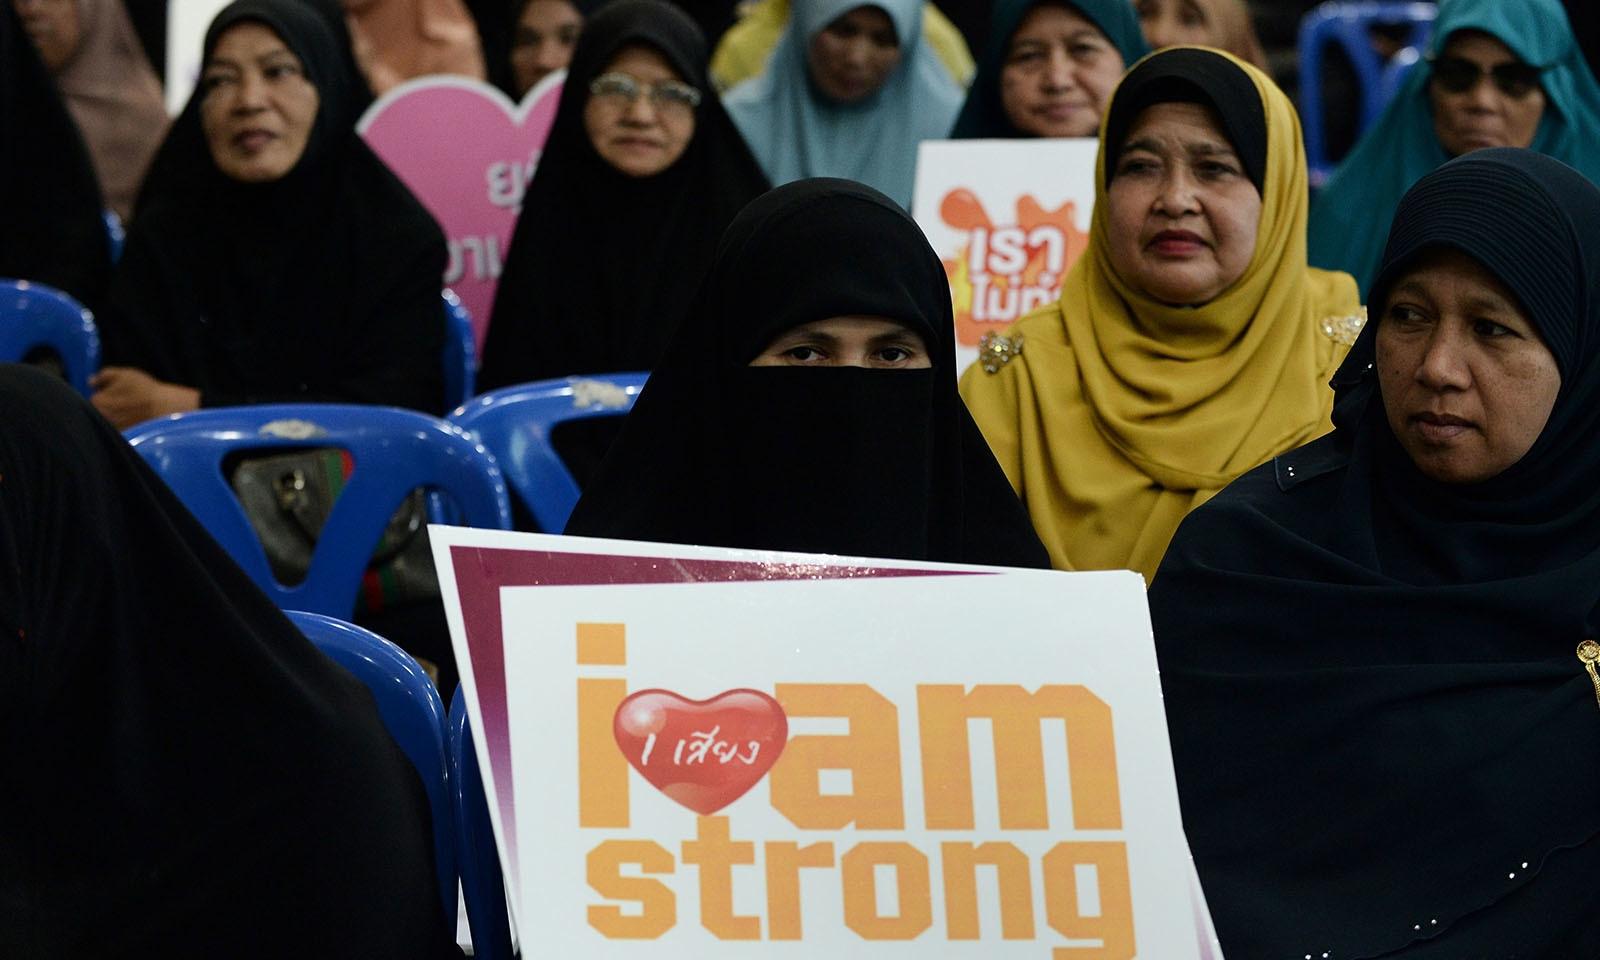 تھائی لینڈ میں عالمی دن کے موقع پر مسلمان برادری کی جانب سے کانفرنس منعقد کی گئی جہاں خواتین سمیت گھریلو مسائل پر بحث کی گئی — فوٹو: اے ایف پی